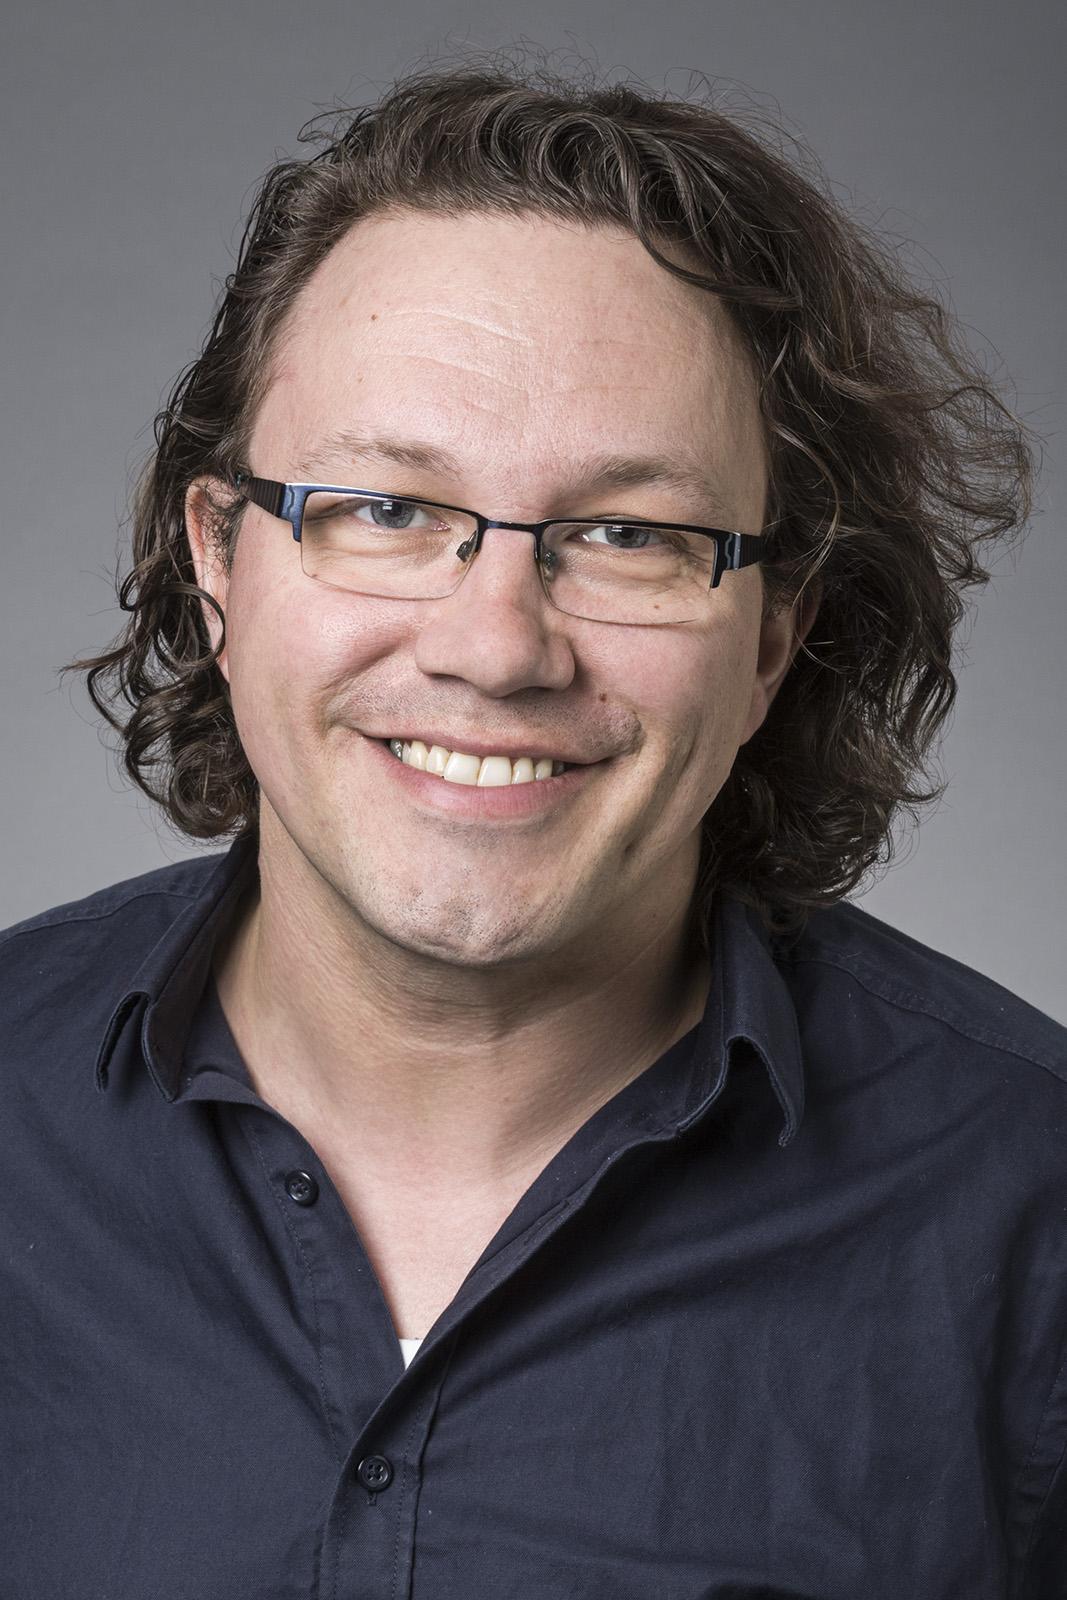 Nicolaj Veje Pedersen